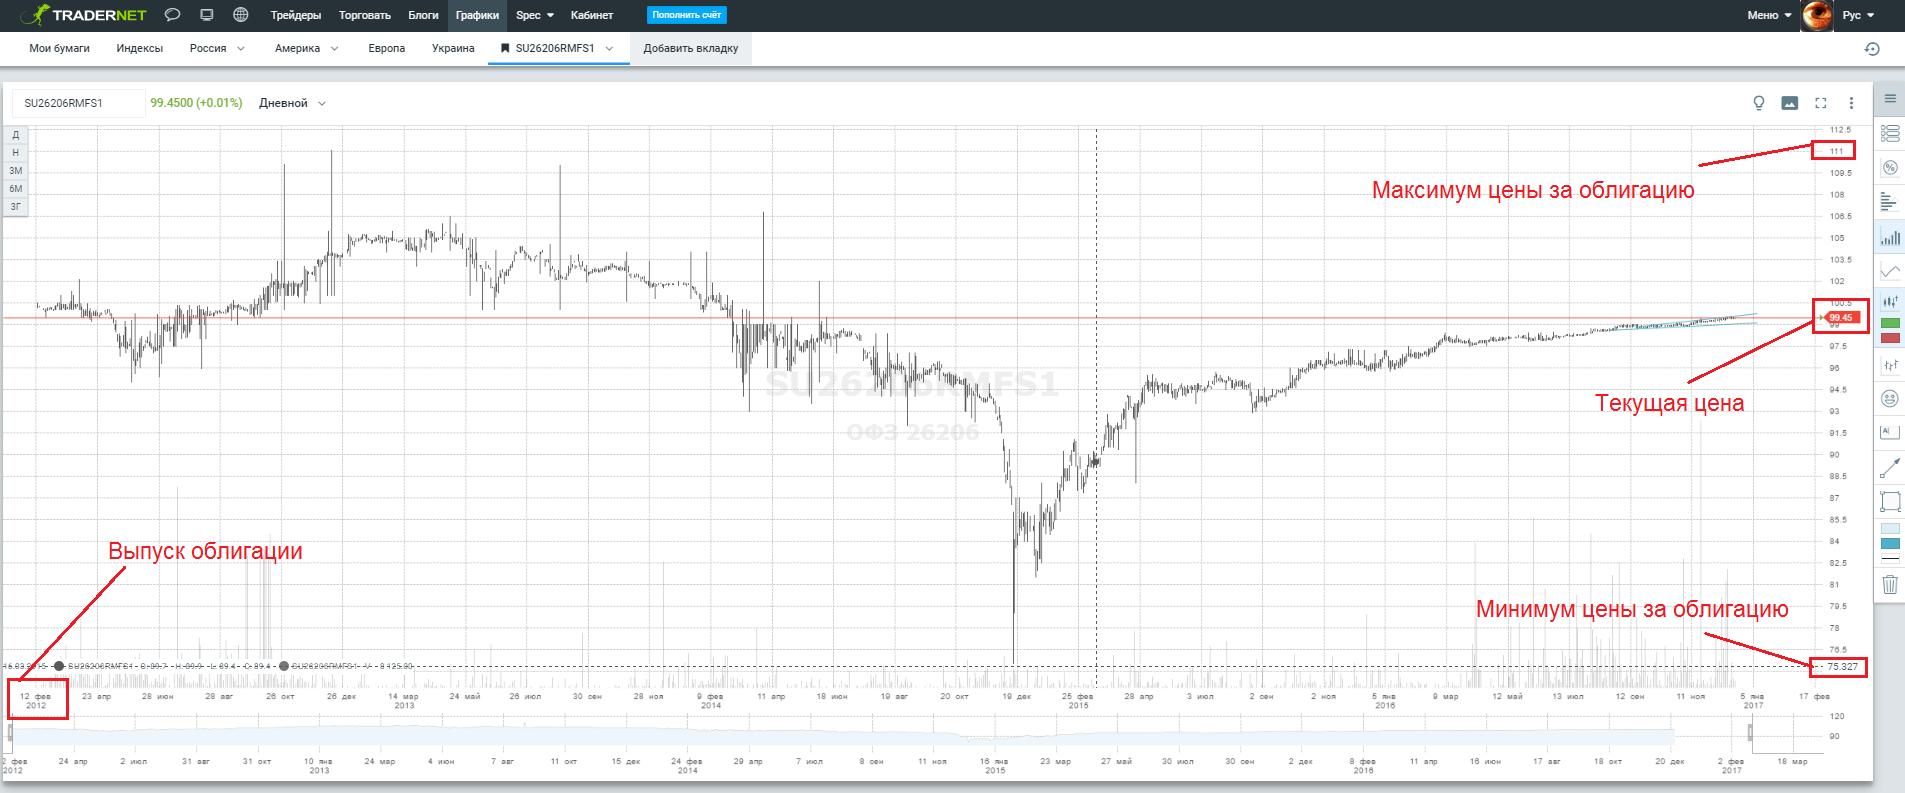 ход цены облигации ОФЗ